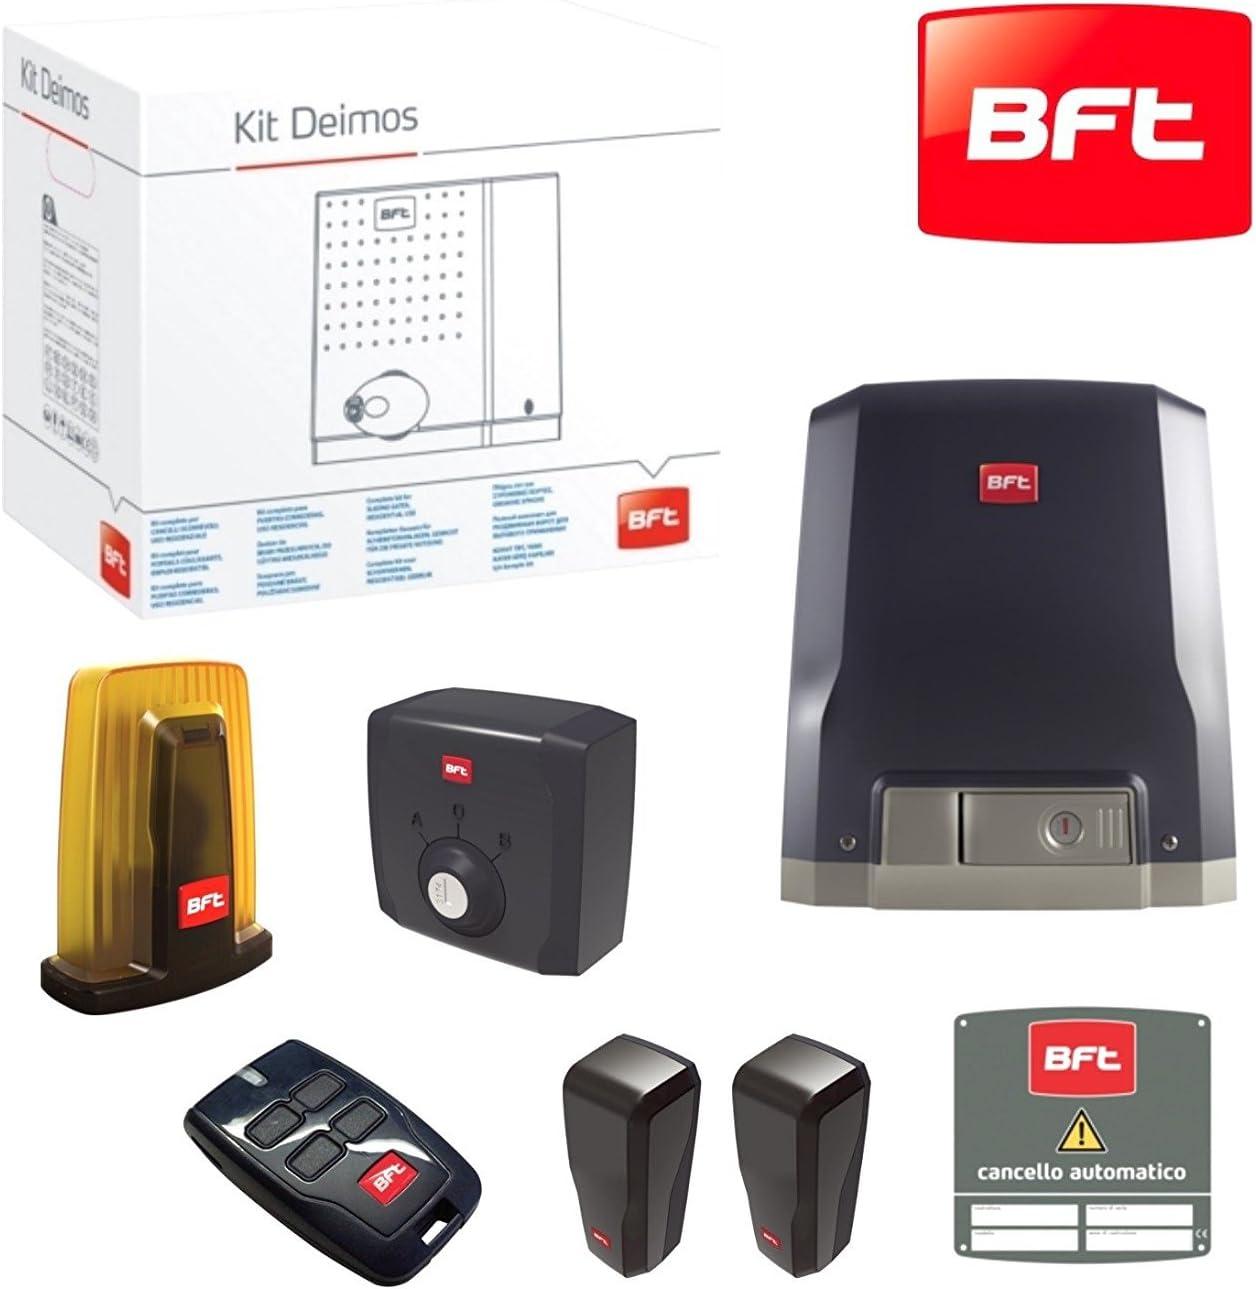 BFT Kit de puerta corredera automática Deimos Motor A600 24V 600 Killogram Residencial Uso residencial R92527000002: Amazon.es: Bricolaje y herramientas